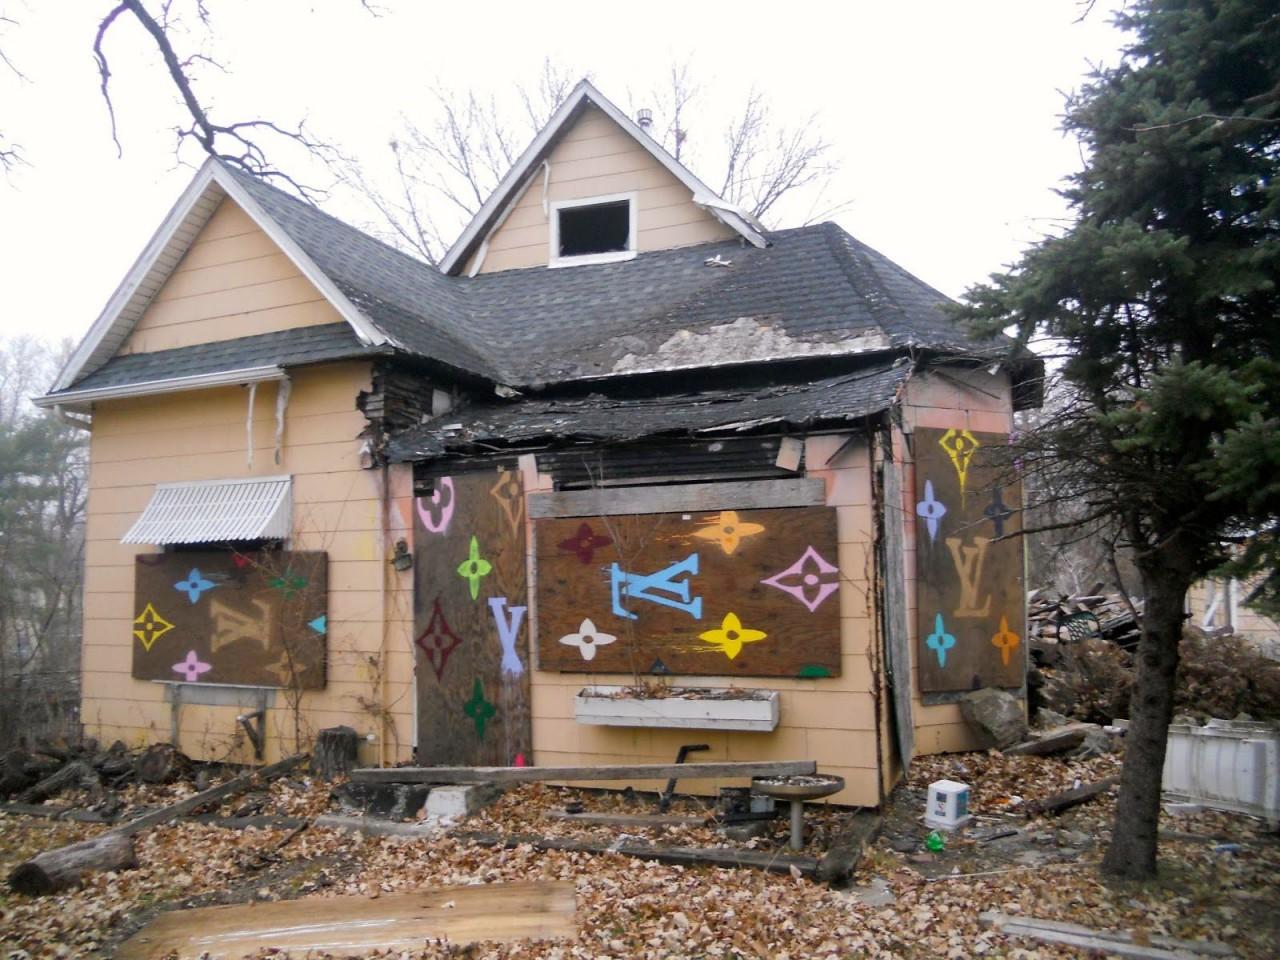 Painting Of Houses Louis Vuitton Crack House Greater Des Moines Public Art